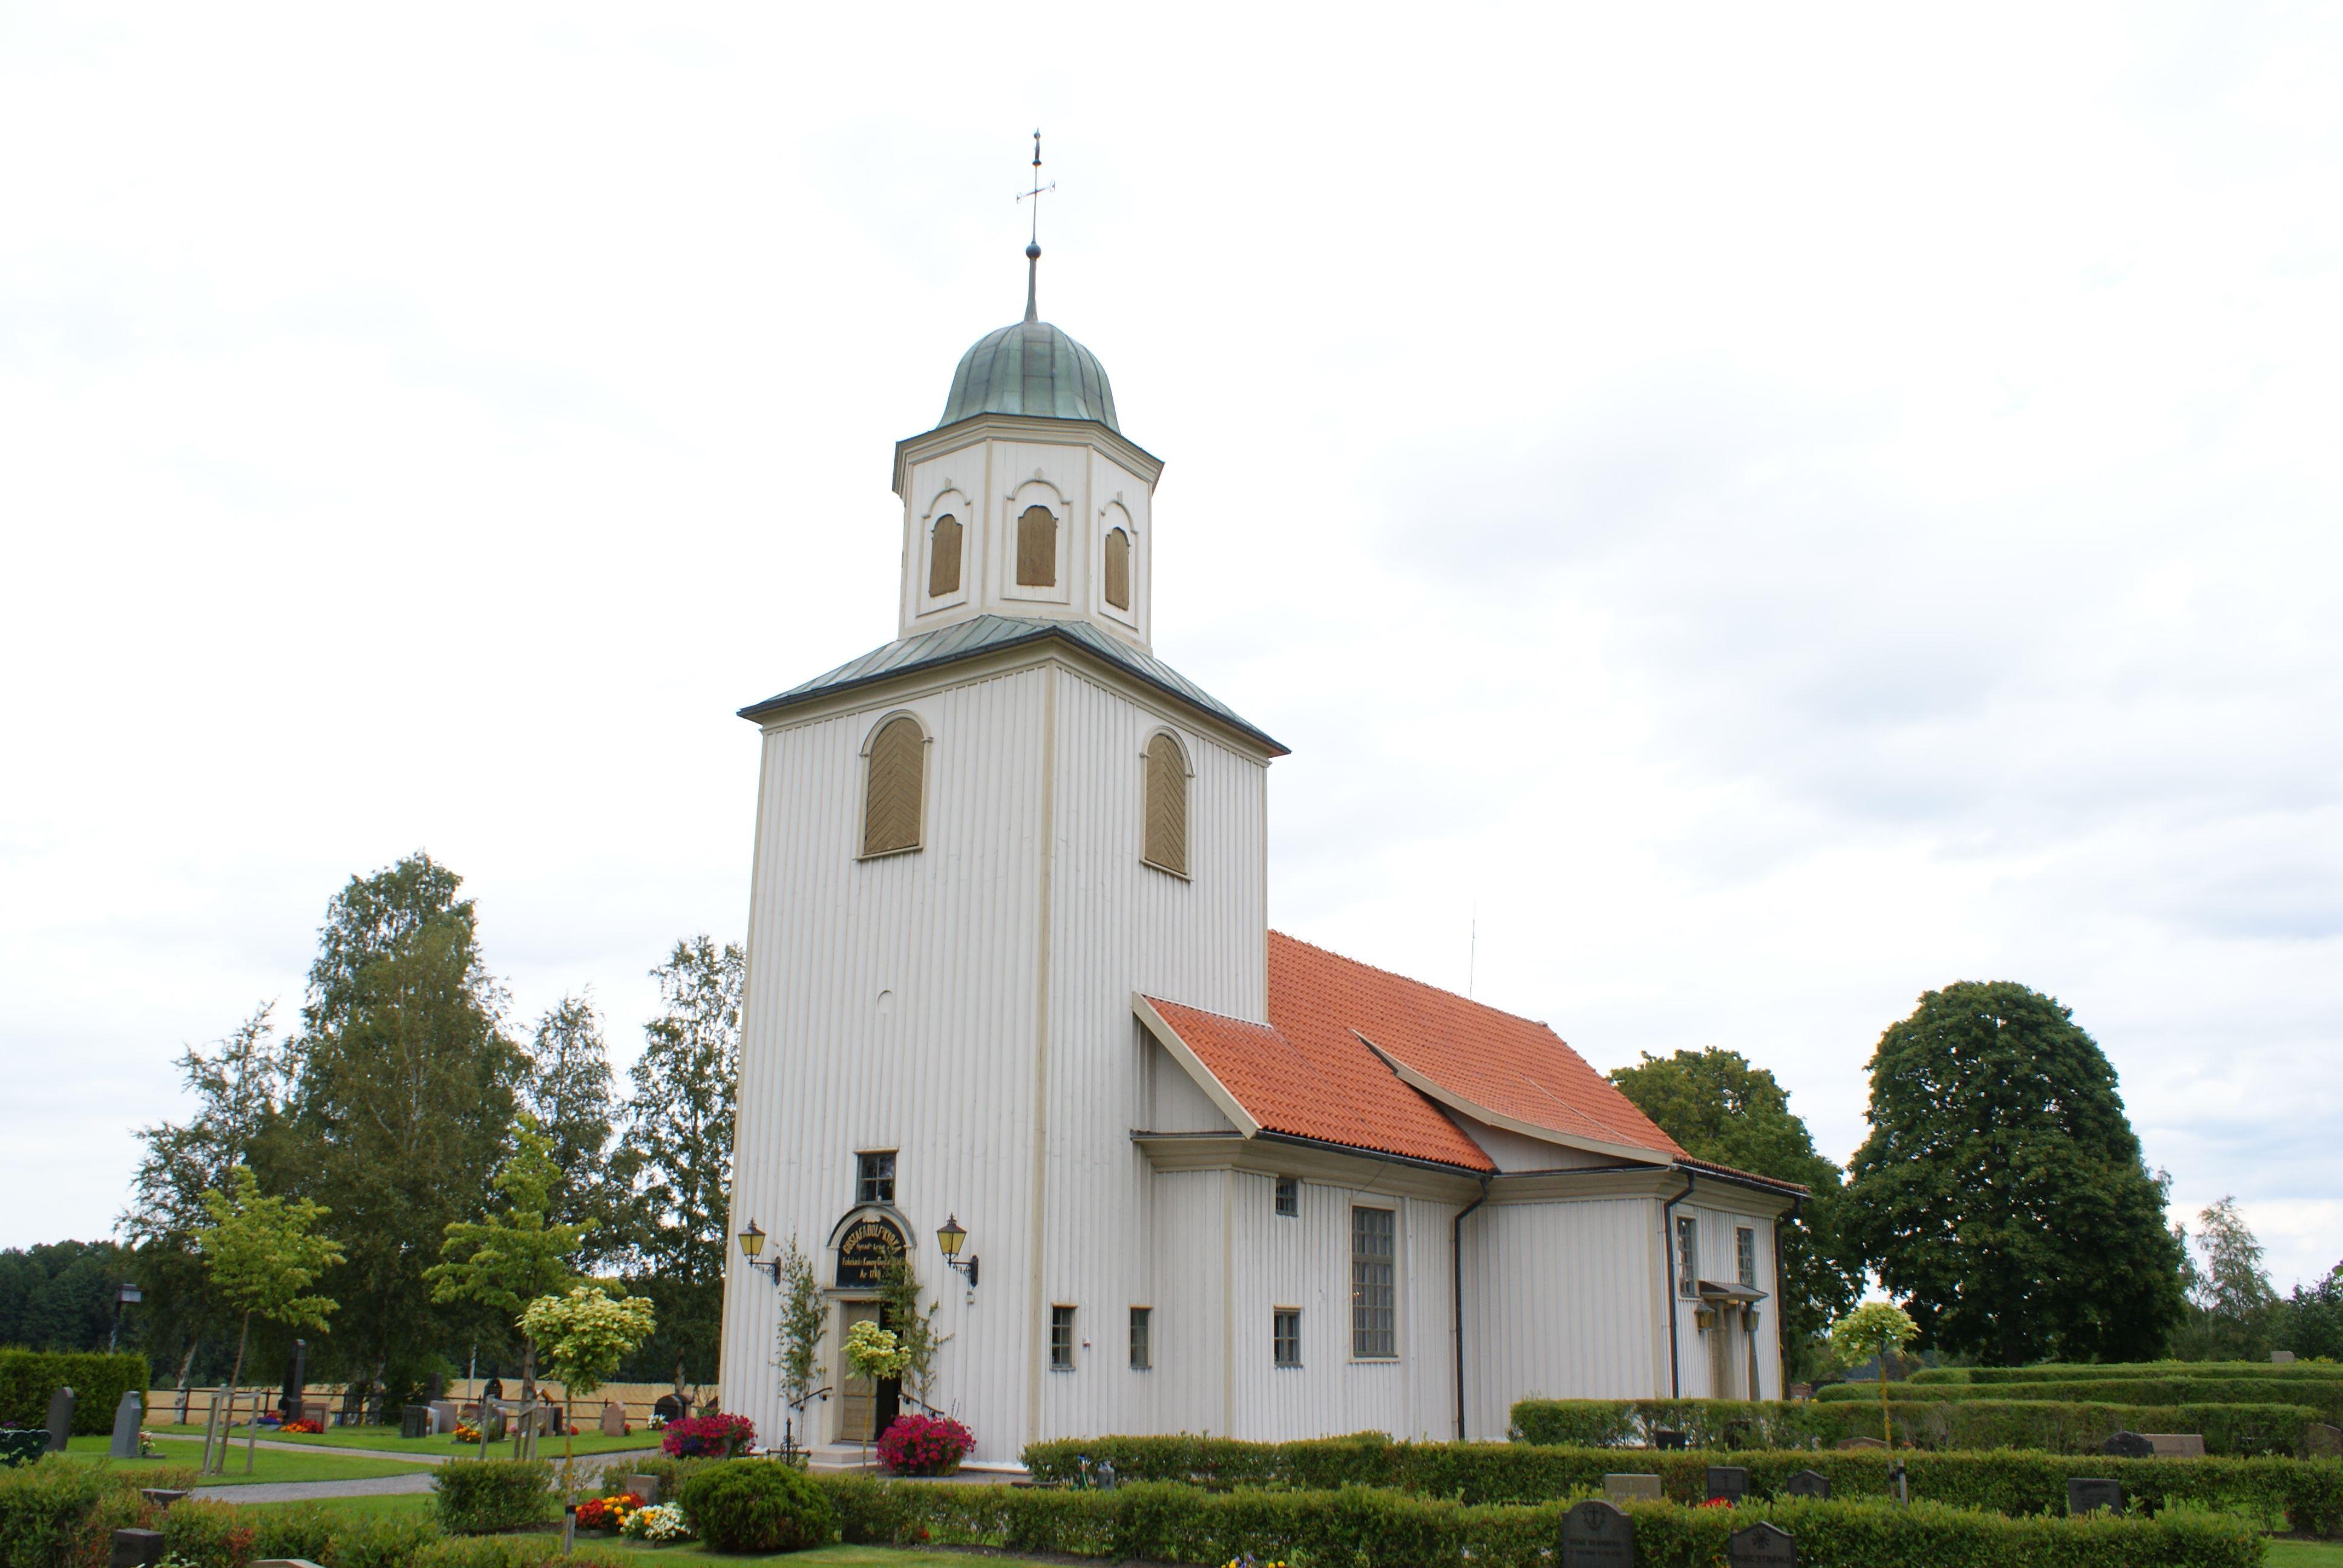 © Svenska kyrkan, Gustav Adolfs kyrka